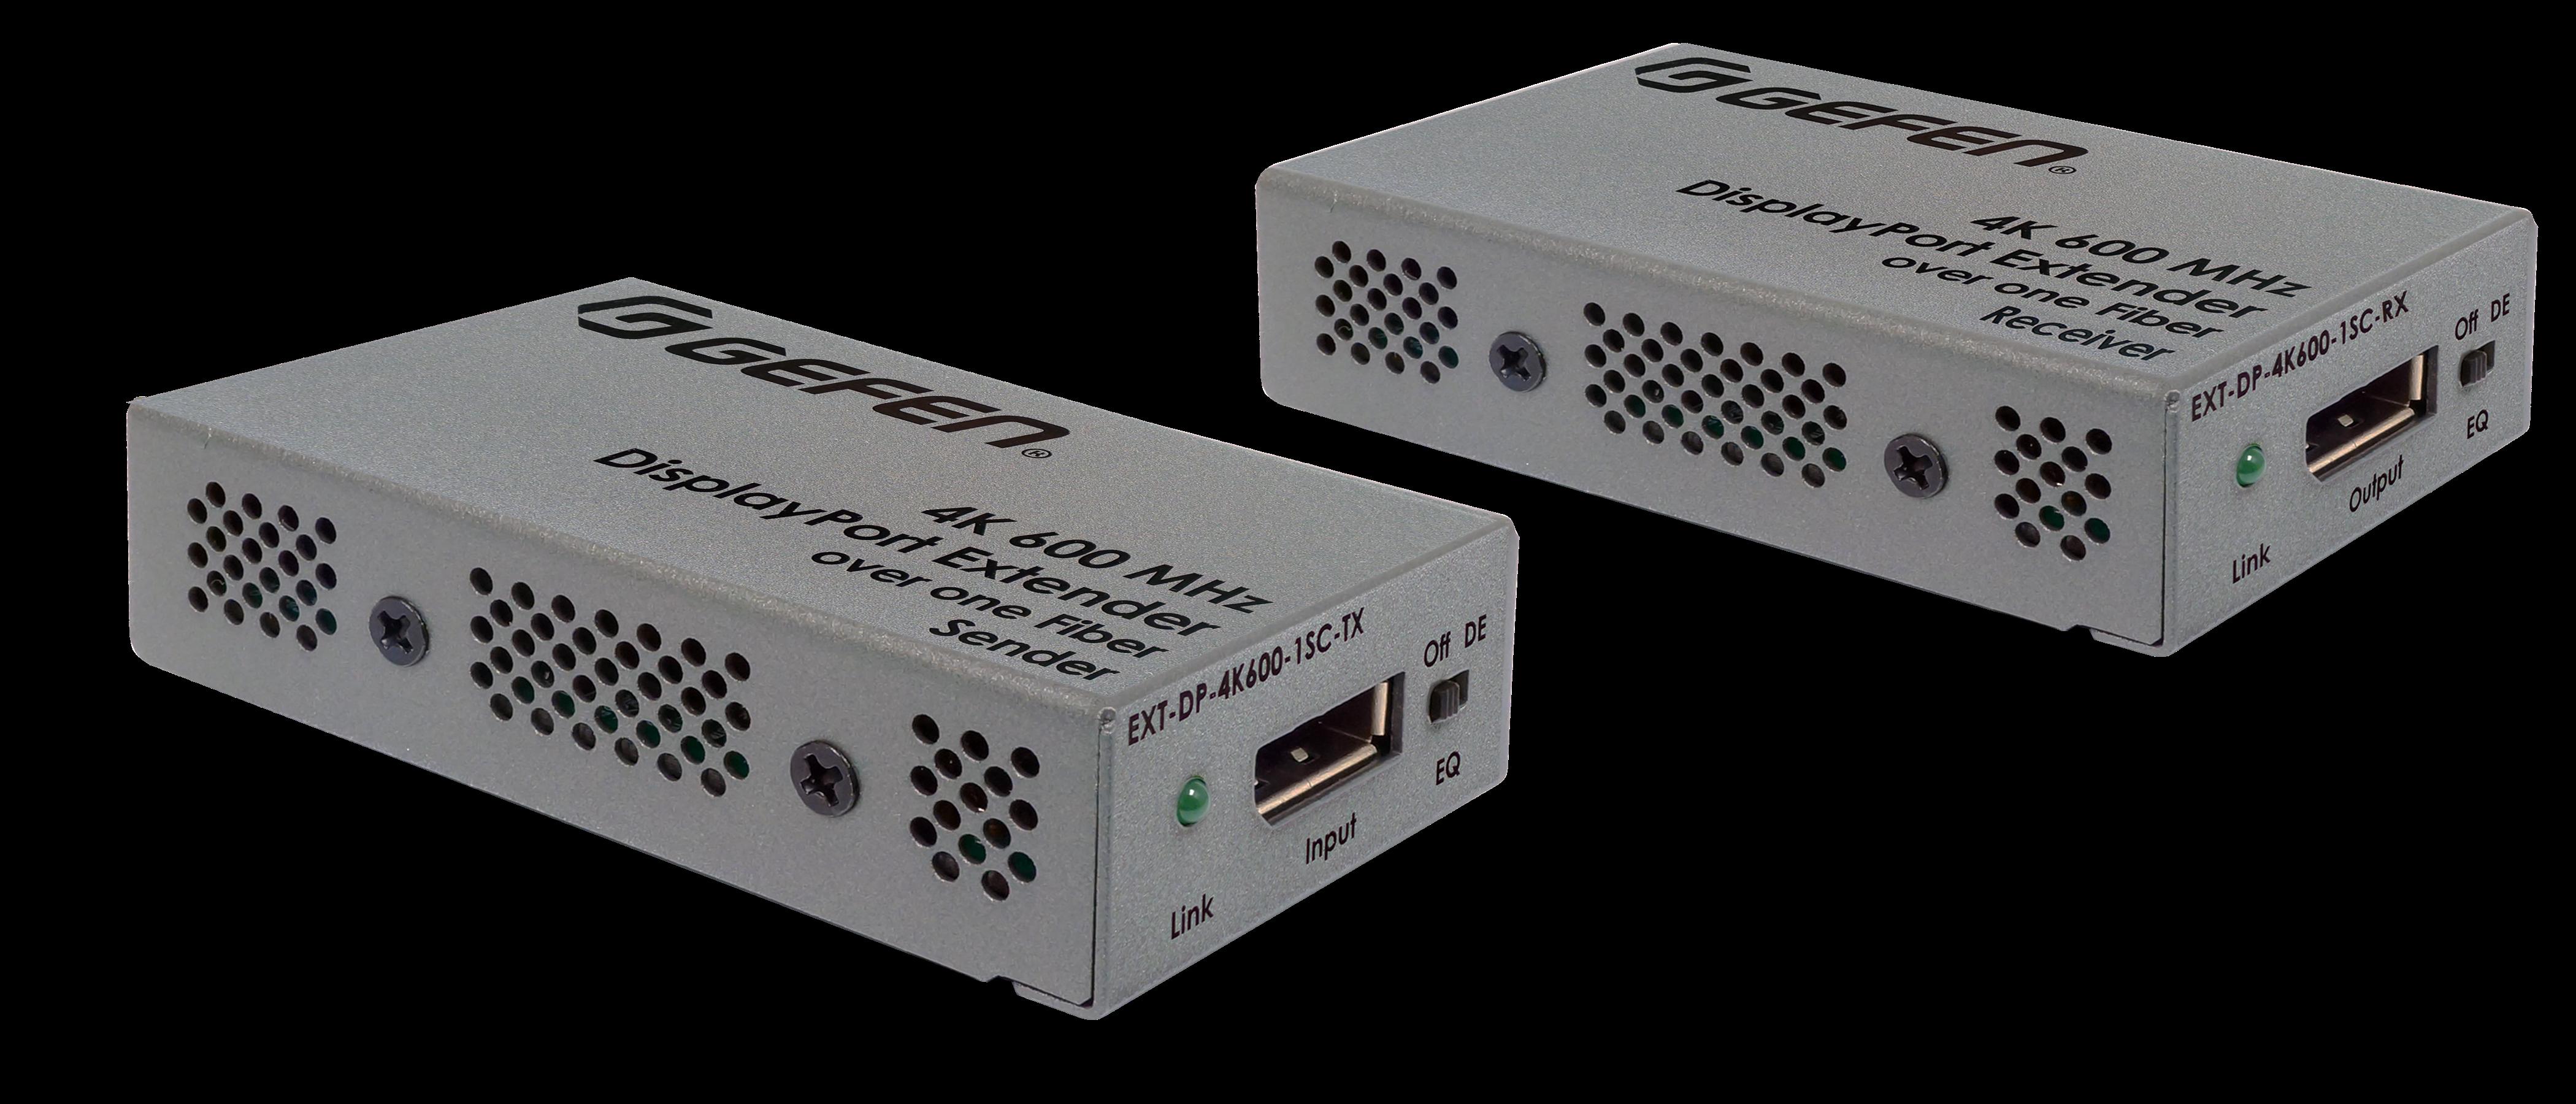 EXT-DP-4K600-1SC